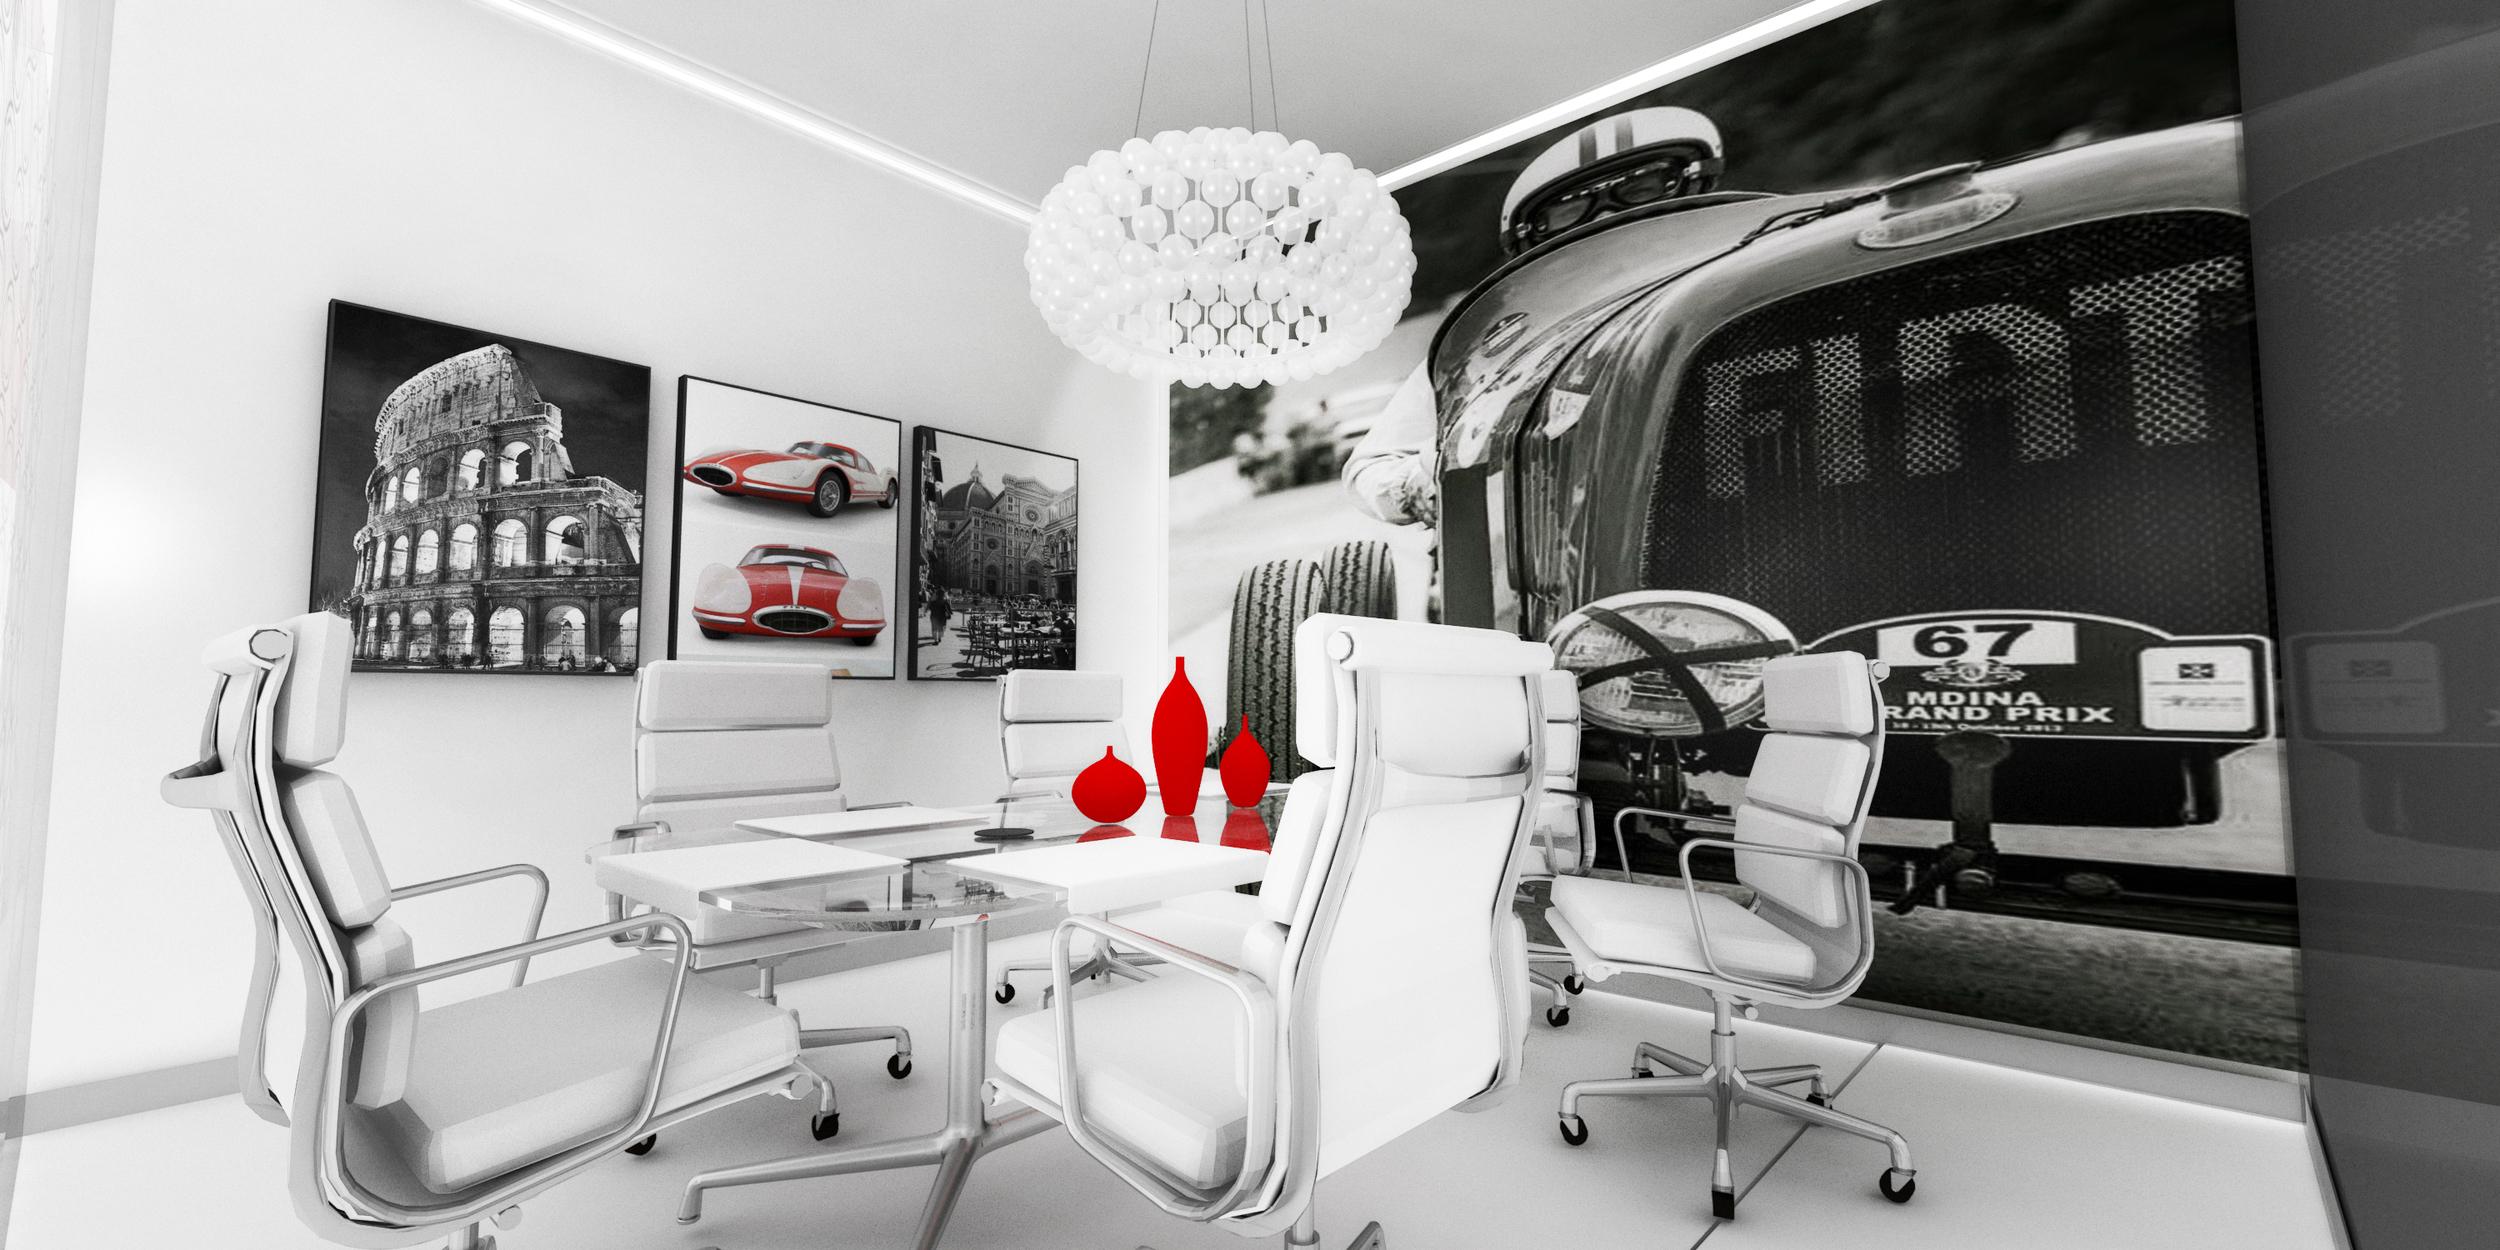 interiormeetingroom1.jpg